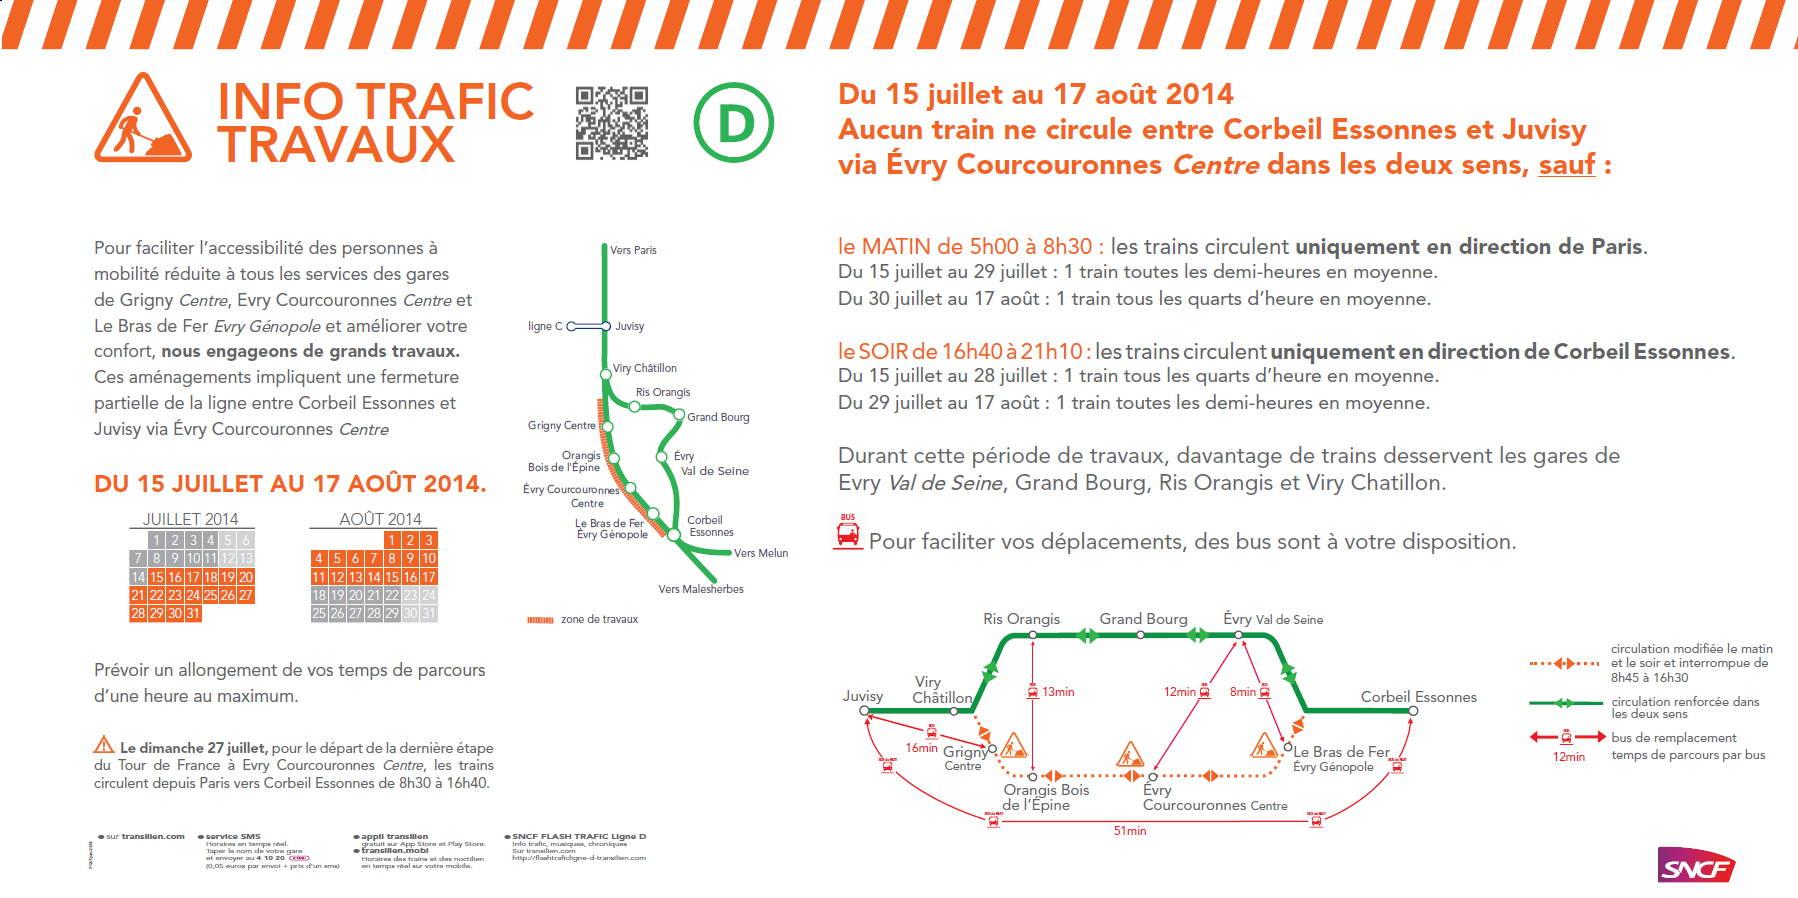 Image flyer travaux RER D ete 2014